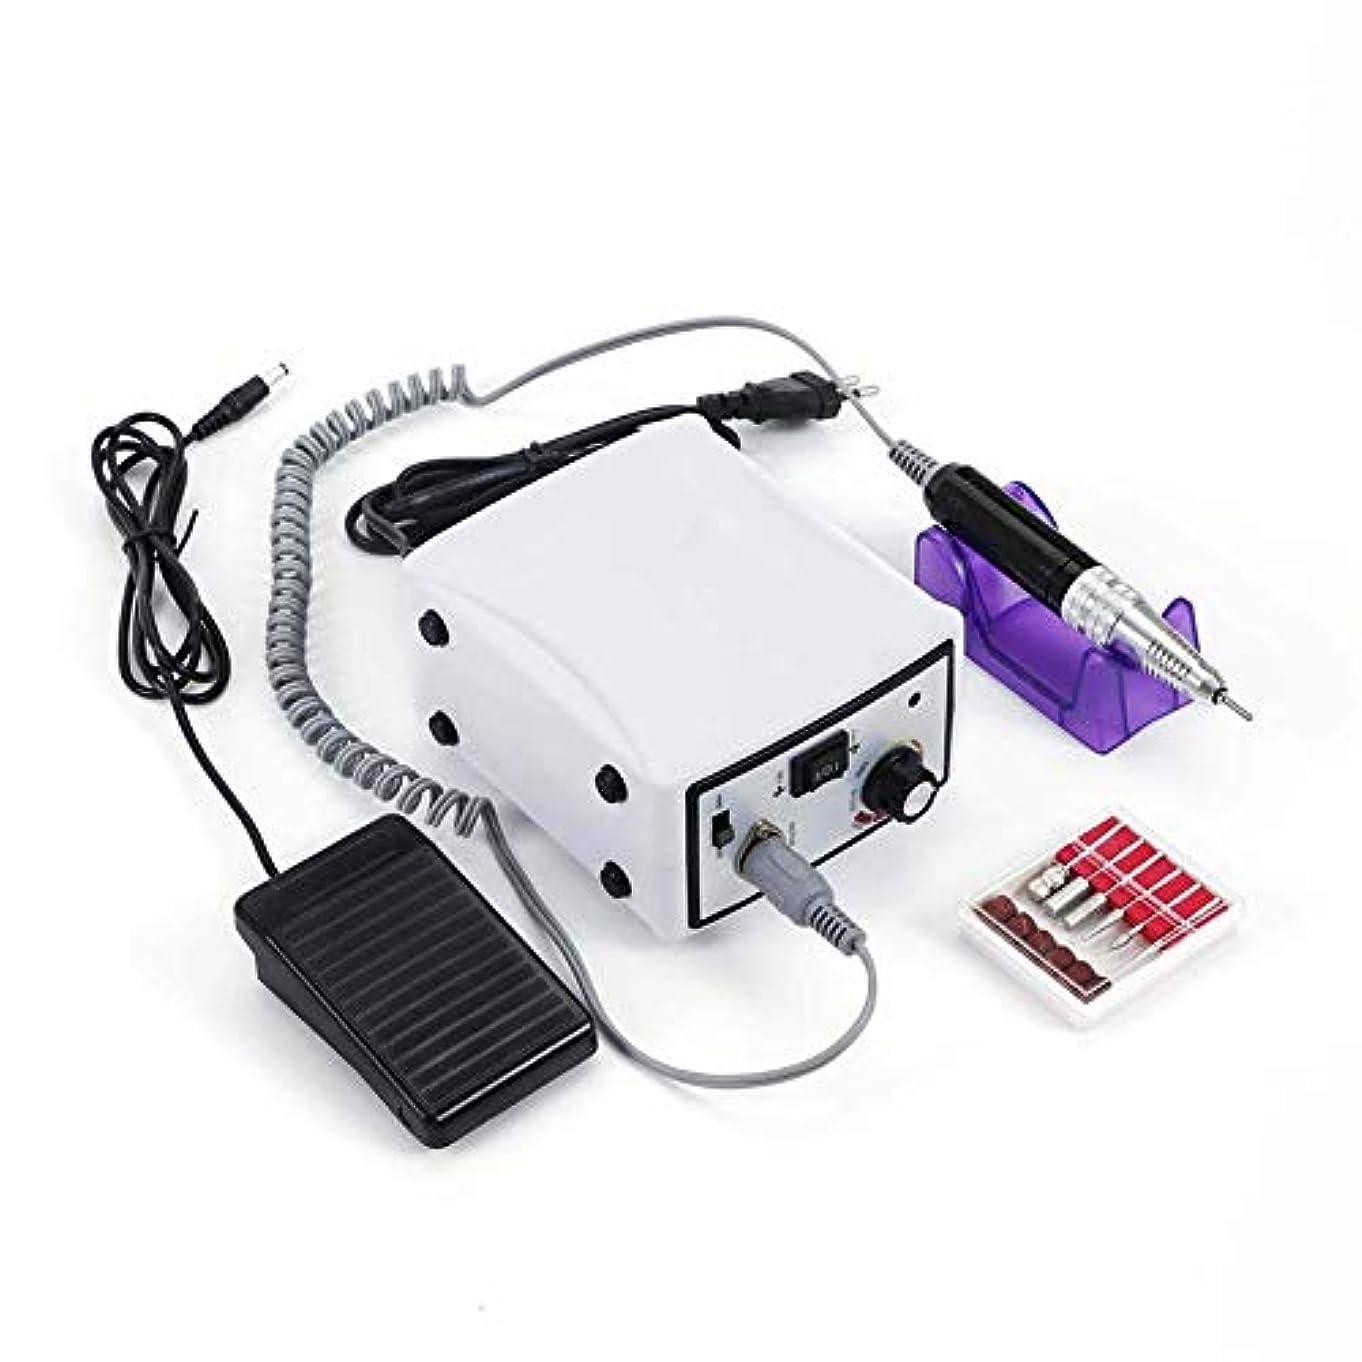 リダクターかすれた一月30,000 rpmマシンネイル電気ネイルドリルコードレスアクリルネイルドリルマシンマニキュアペディキュアアートパウダーポリッシャージェルネイルグラインダーツール、ホワイト